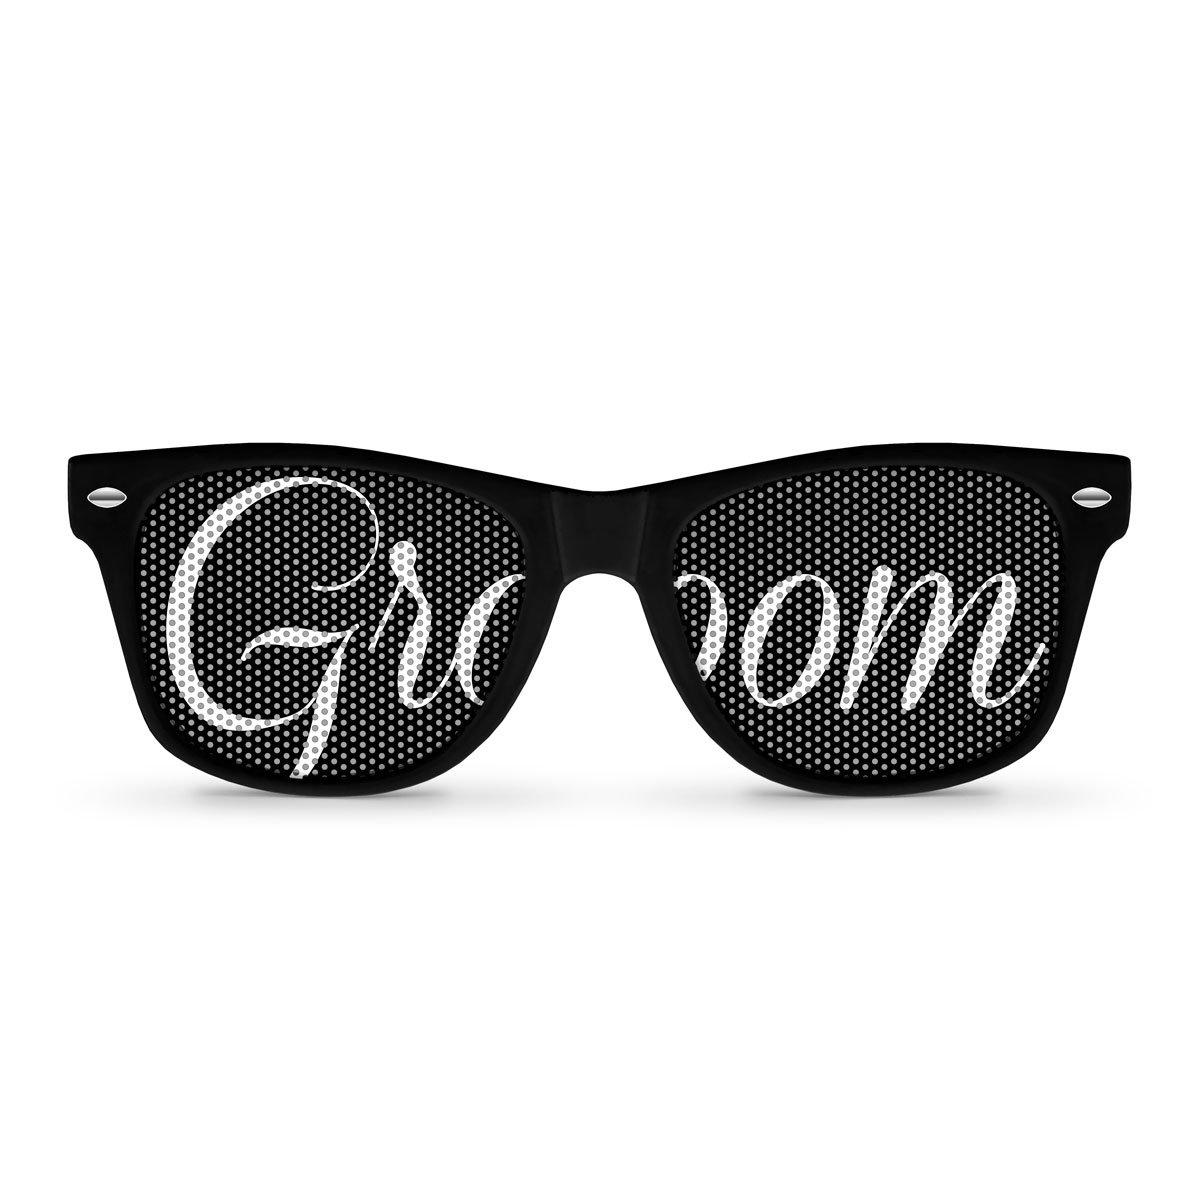 8d9aaa31a2 Best Rated in Women s Novelty Sunglasses   Eyewear   Helpful ...